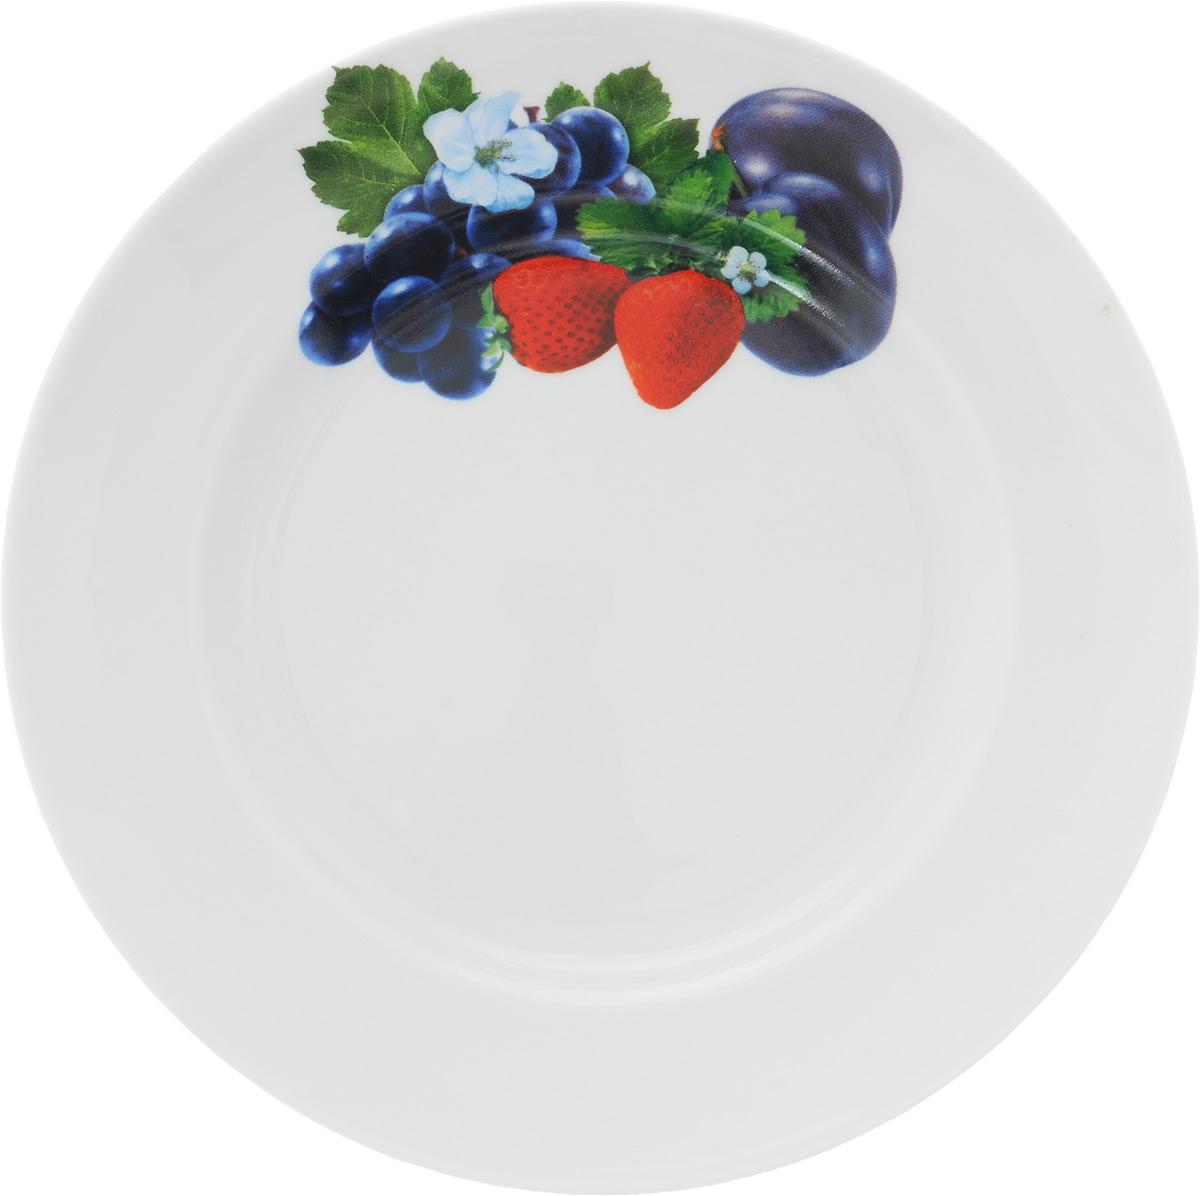 Тарелка Идиллия. Слива и клубника, диаметр 20 см1303841_слива, клубникаТарелка Идиллия. Слива и клубника изготовлена из высококачественного фарфора и оформлена красочным изображением ягод. Изделие сочетает в себе изысканный дизайн с максимальной функциональностью. Тарелка отлично дополнит сервировку стола и станет практичным приобретением для вашей кухни.